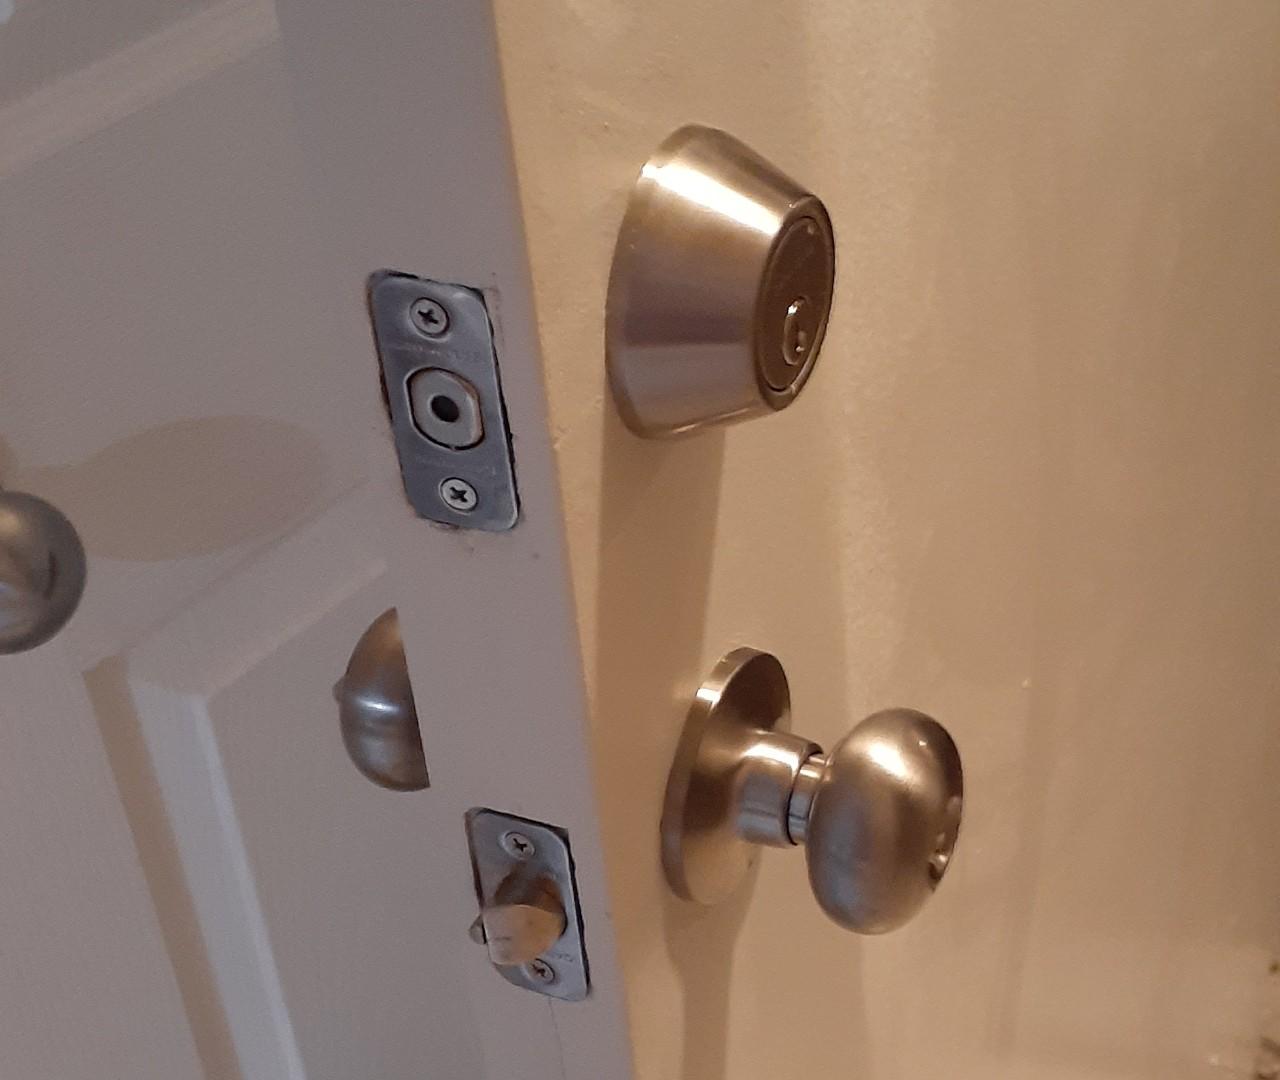 repair-and-maintenance-door-handle-repairs--after-01